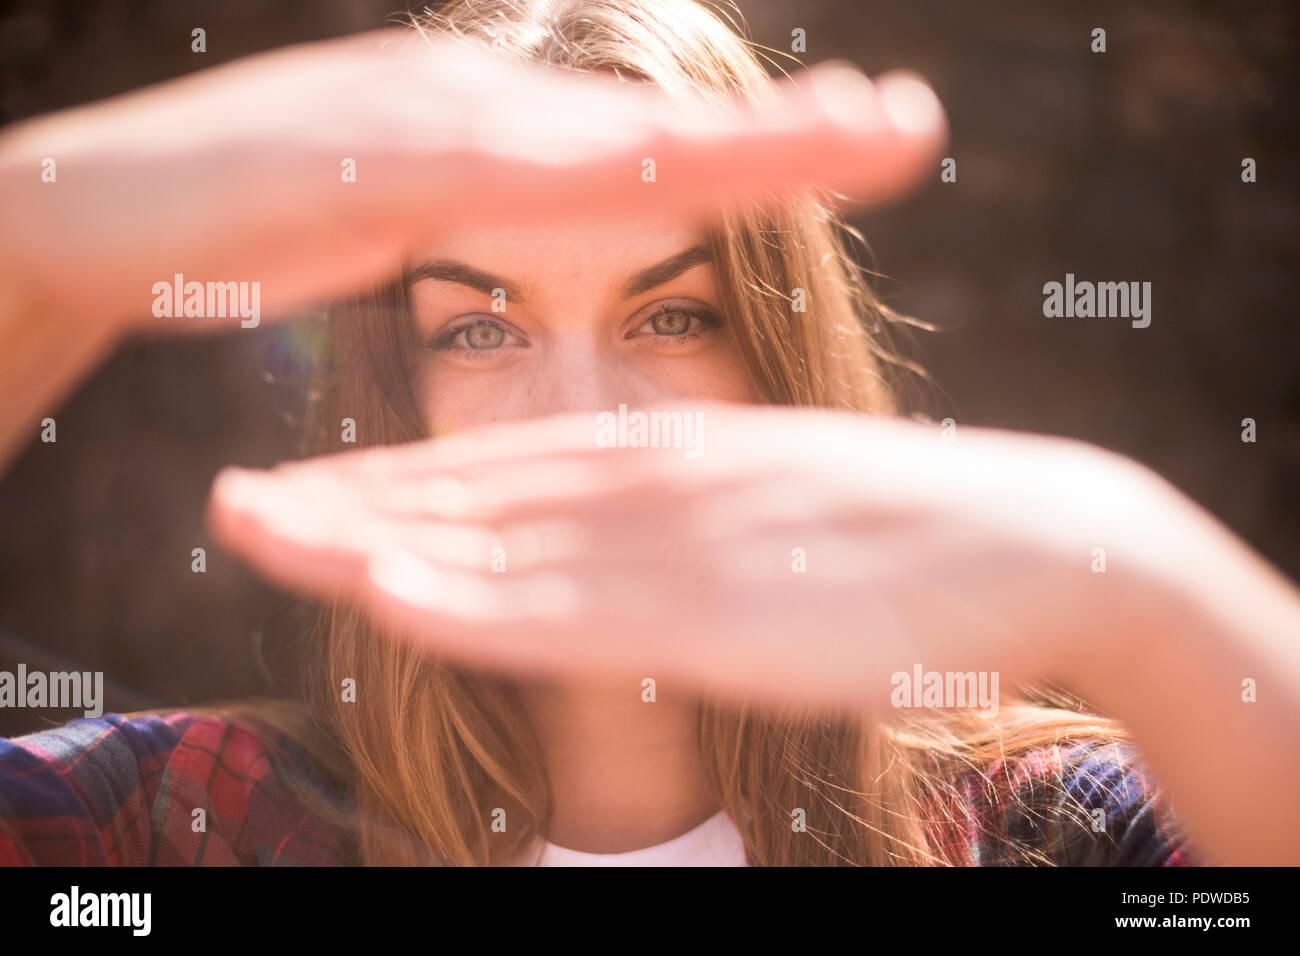 Ritratto Solare del bellissimo modello caucasian con gli occhi blu in controluce con le mani davanti al suo volto a nascosto la bocca. bokeh backgroun sfocati Immagini Stock